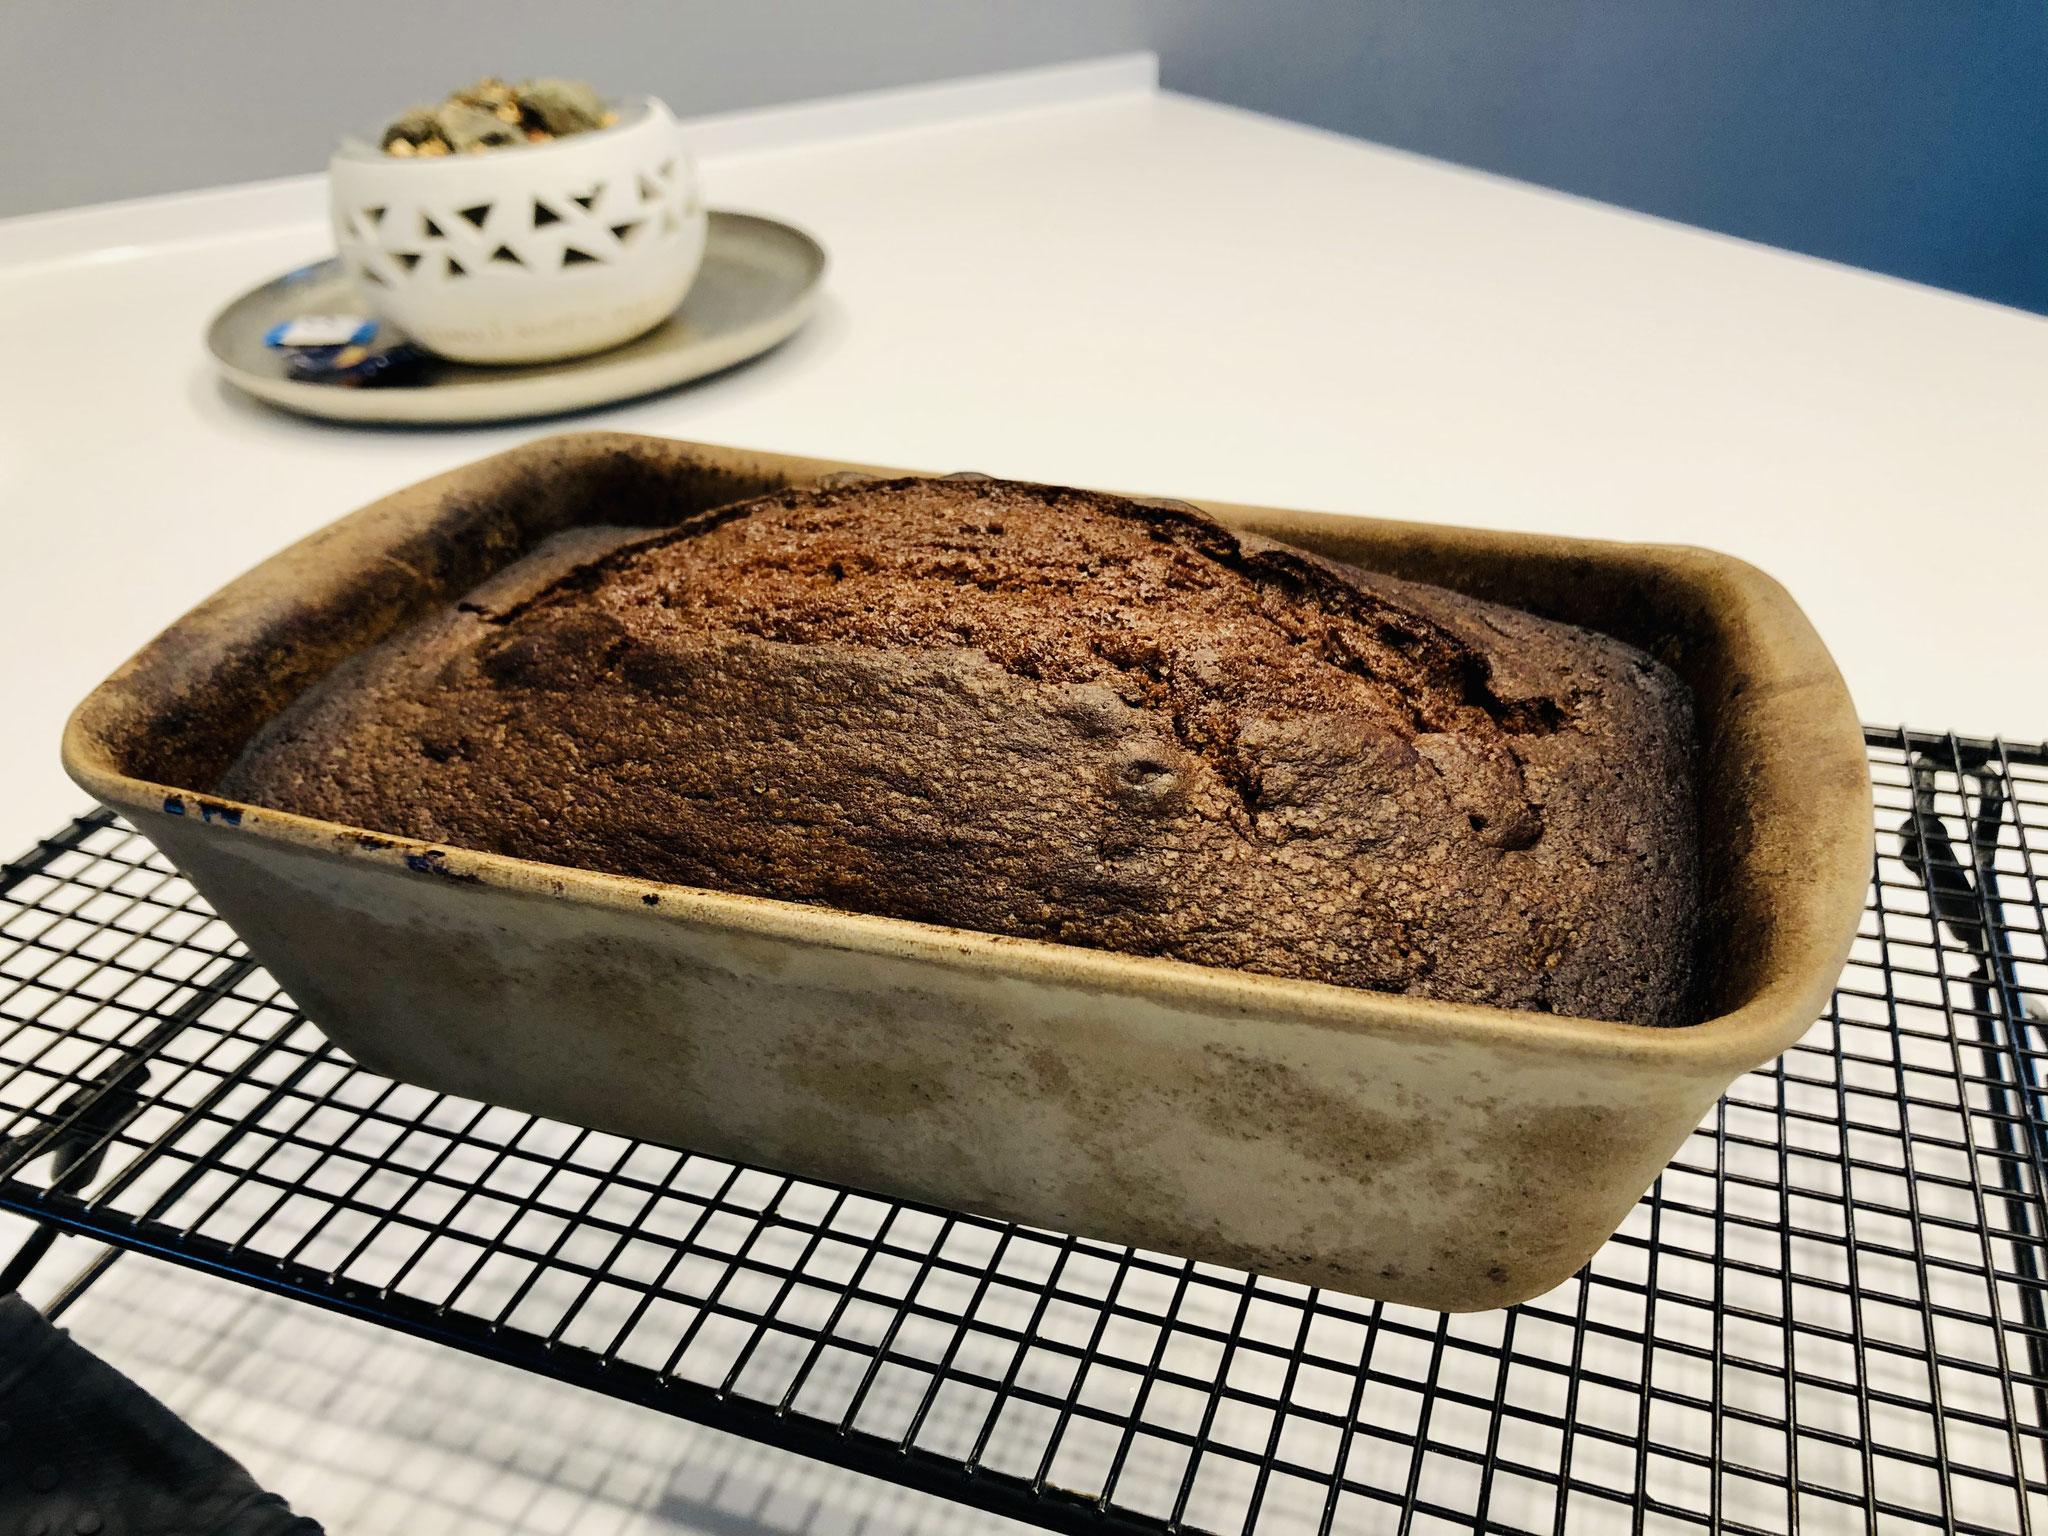 Nach dem backen lässt du den Kuchen in der Form auf dem Kuchengitter von Pampered Chef erkalten - erst wenn der Kuchen erkaltet ist, dann stürzt du diesen aus der Form...